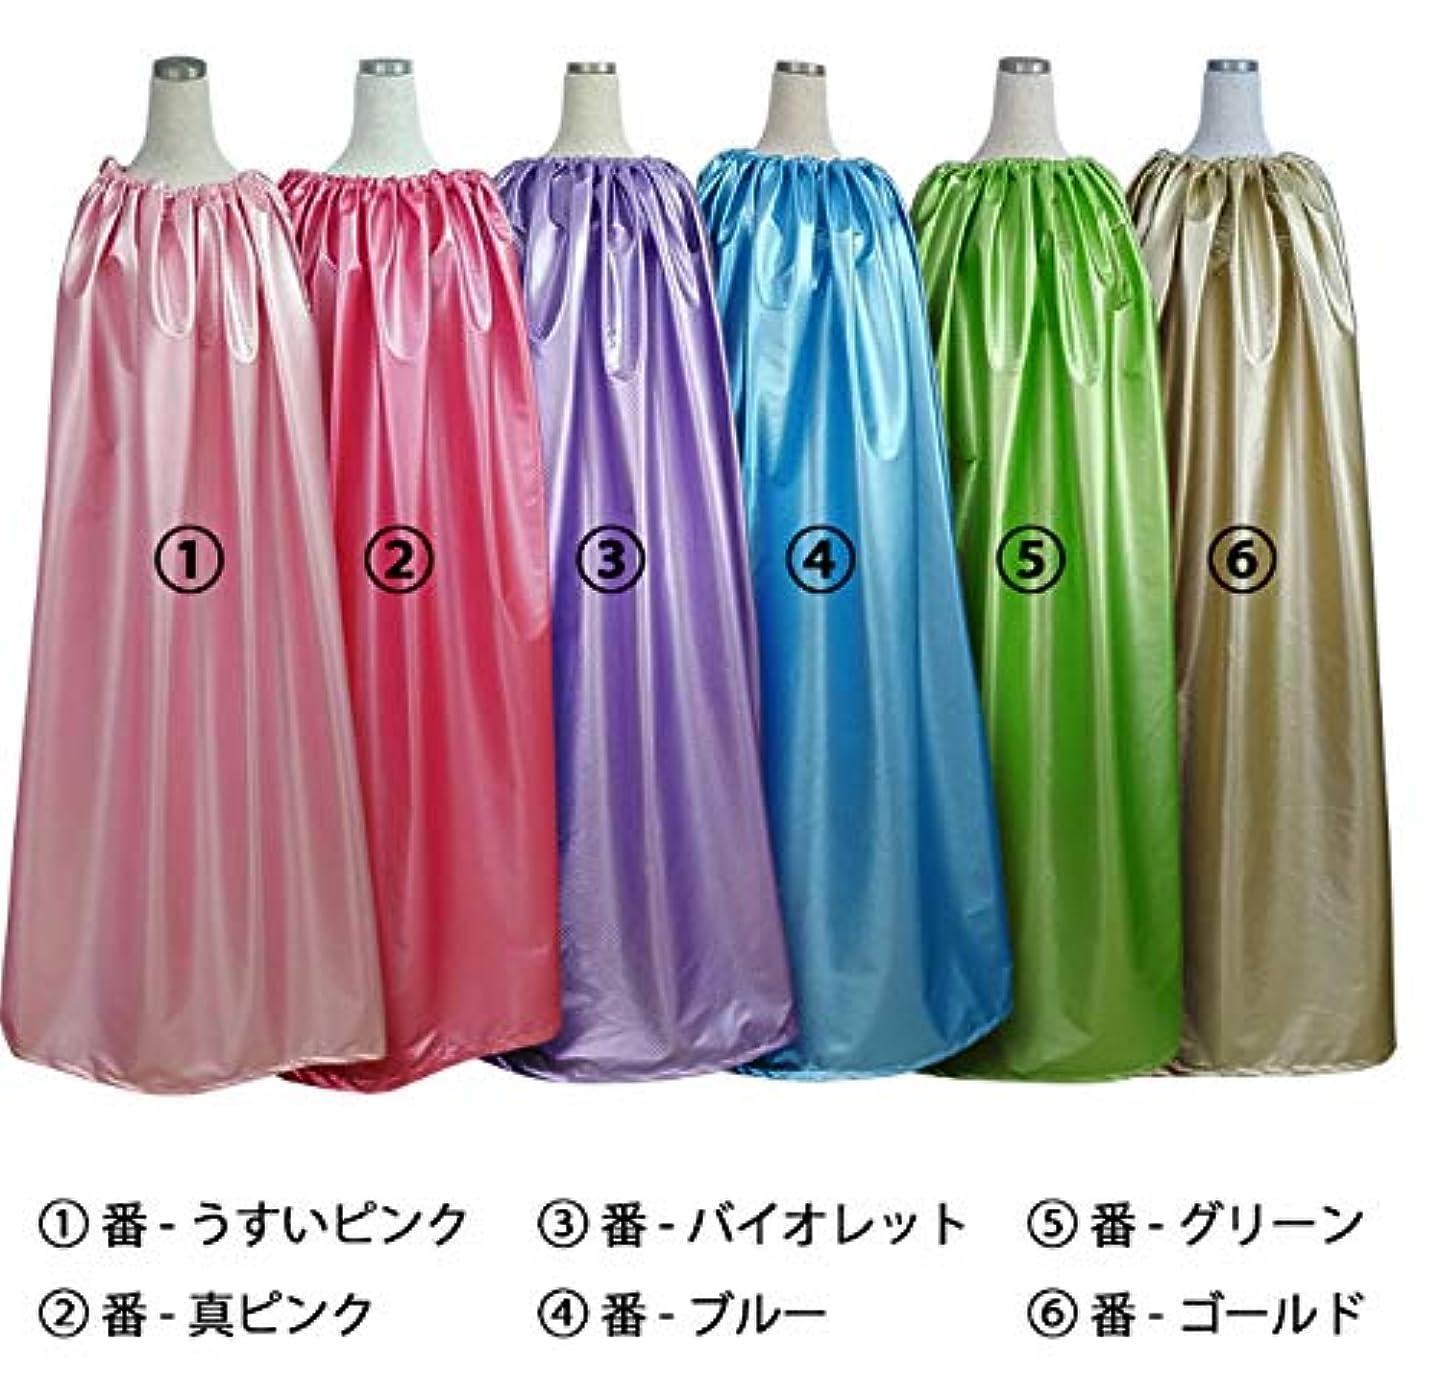 ランタン軍団はぁヨモギ蒸し服、よもぎ蒸しマント可愛い色、色選択必要です一枚